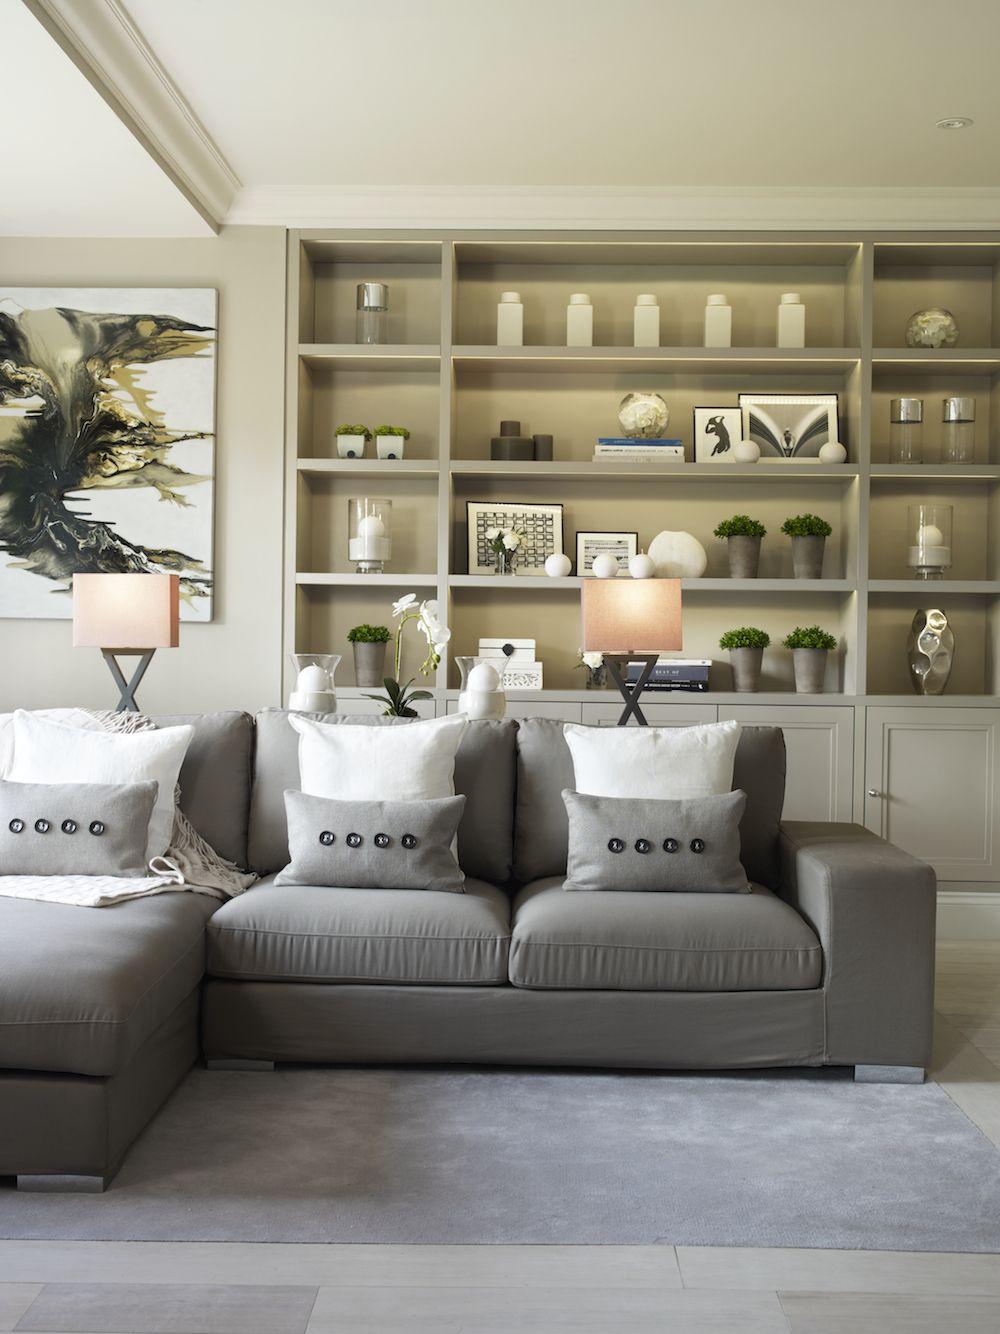 Interior Design by Studio Duggan Ltd Interior design